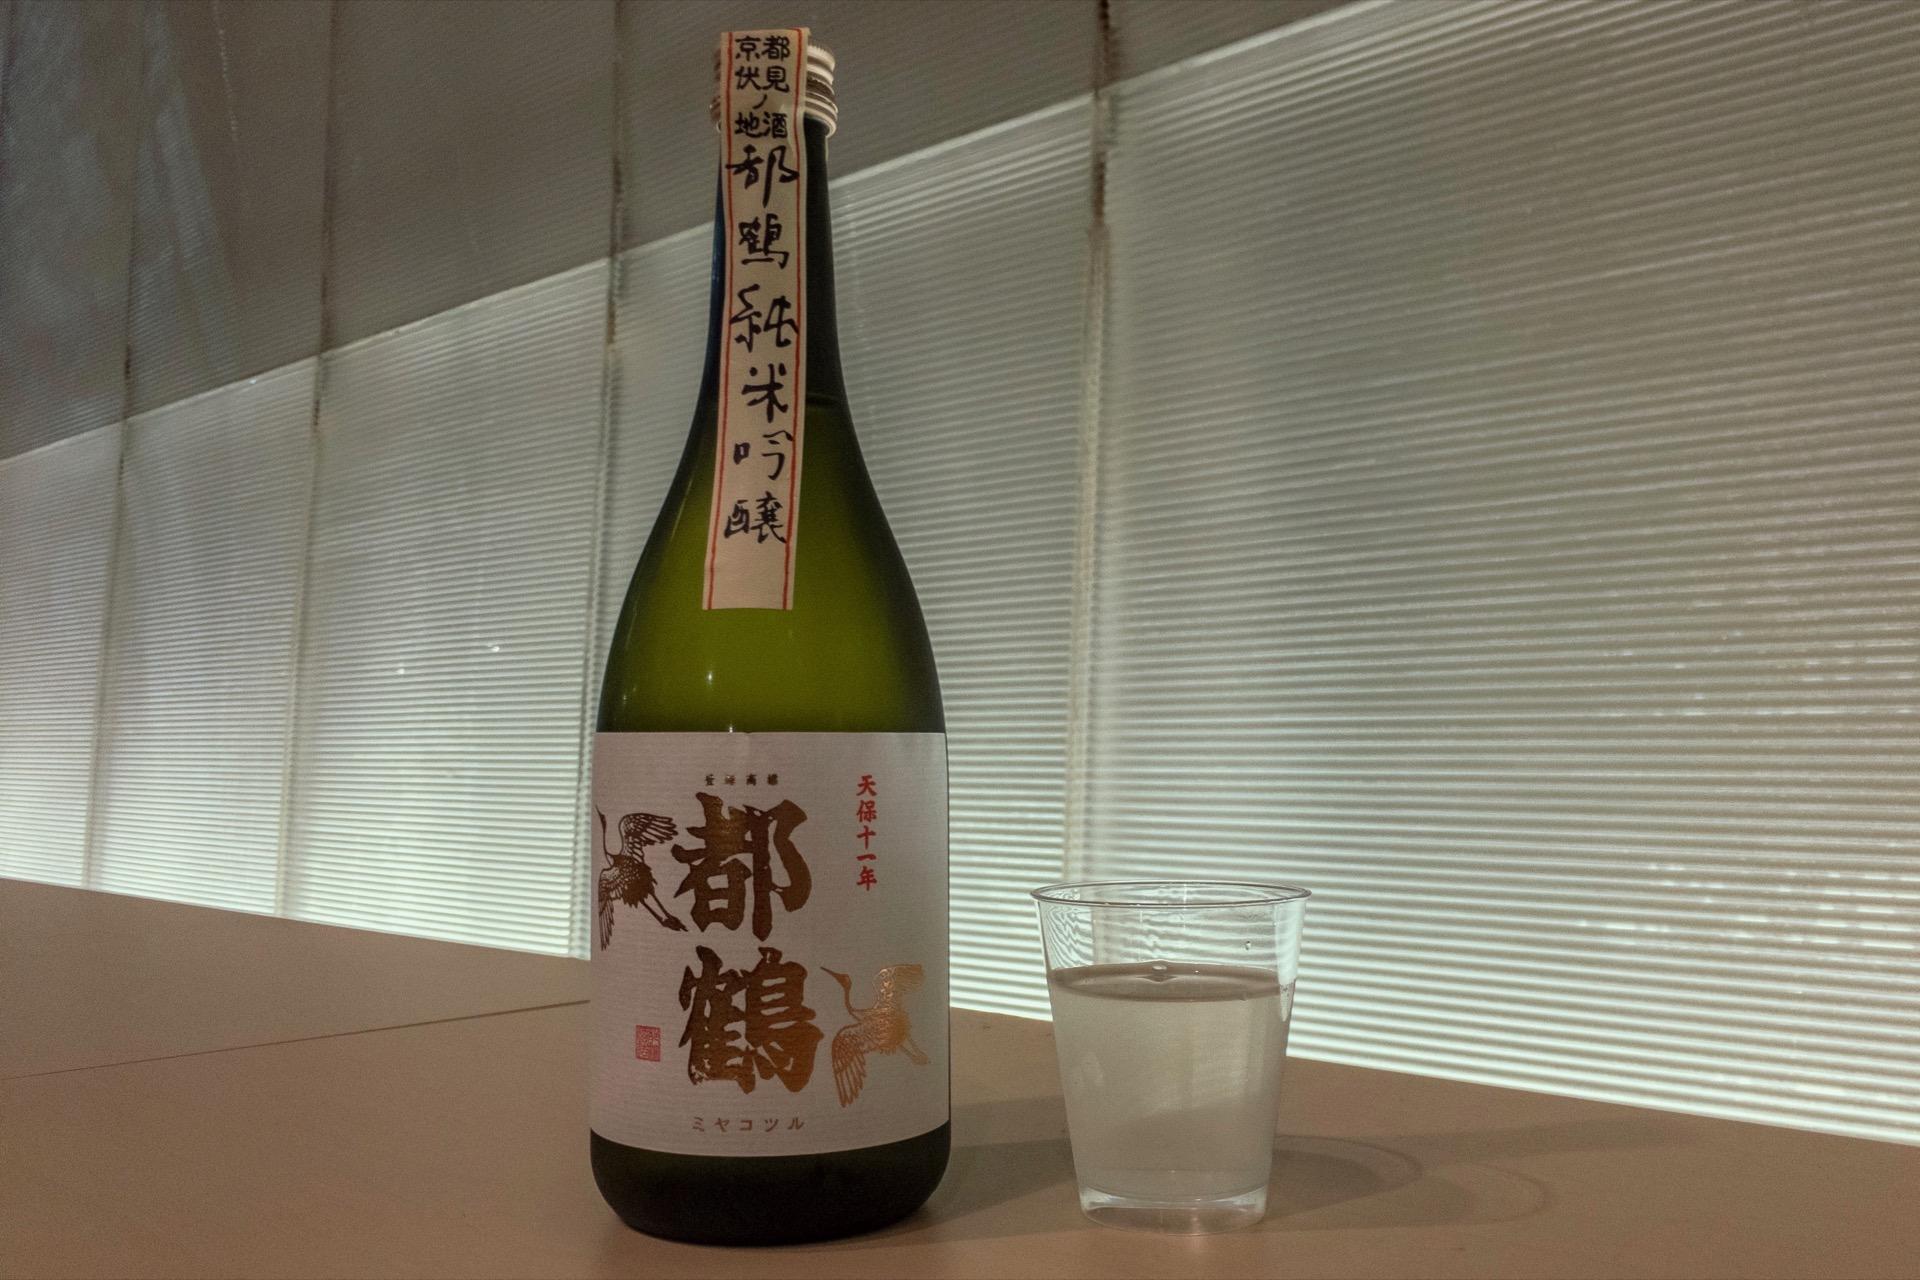 都鶴 純米吟醸|日本酒テイスティングノート